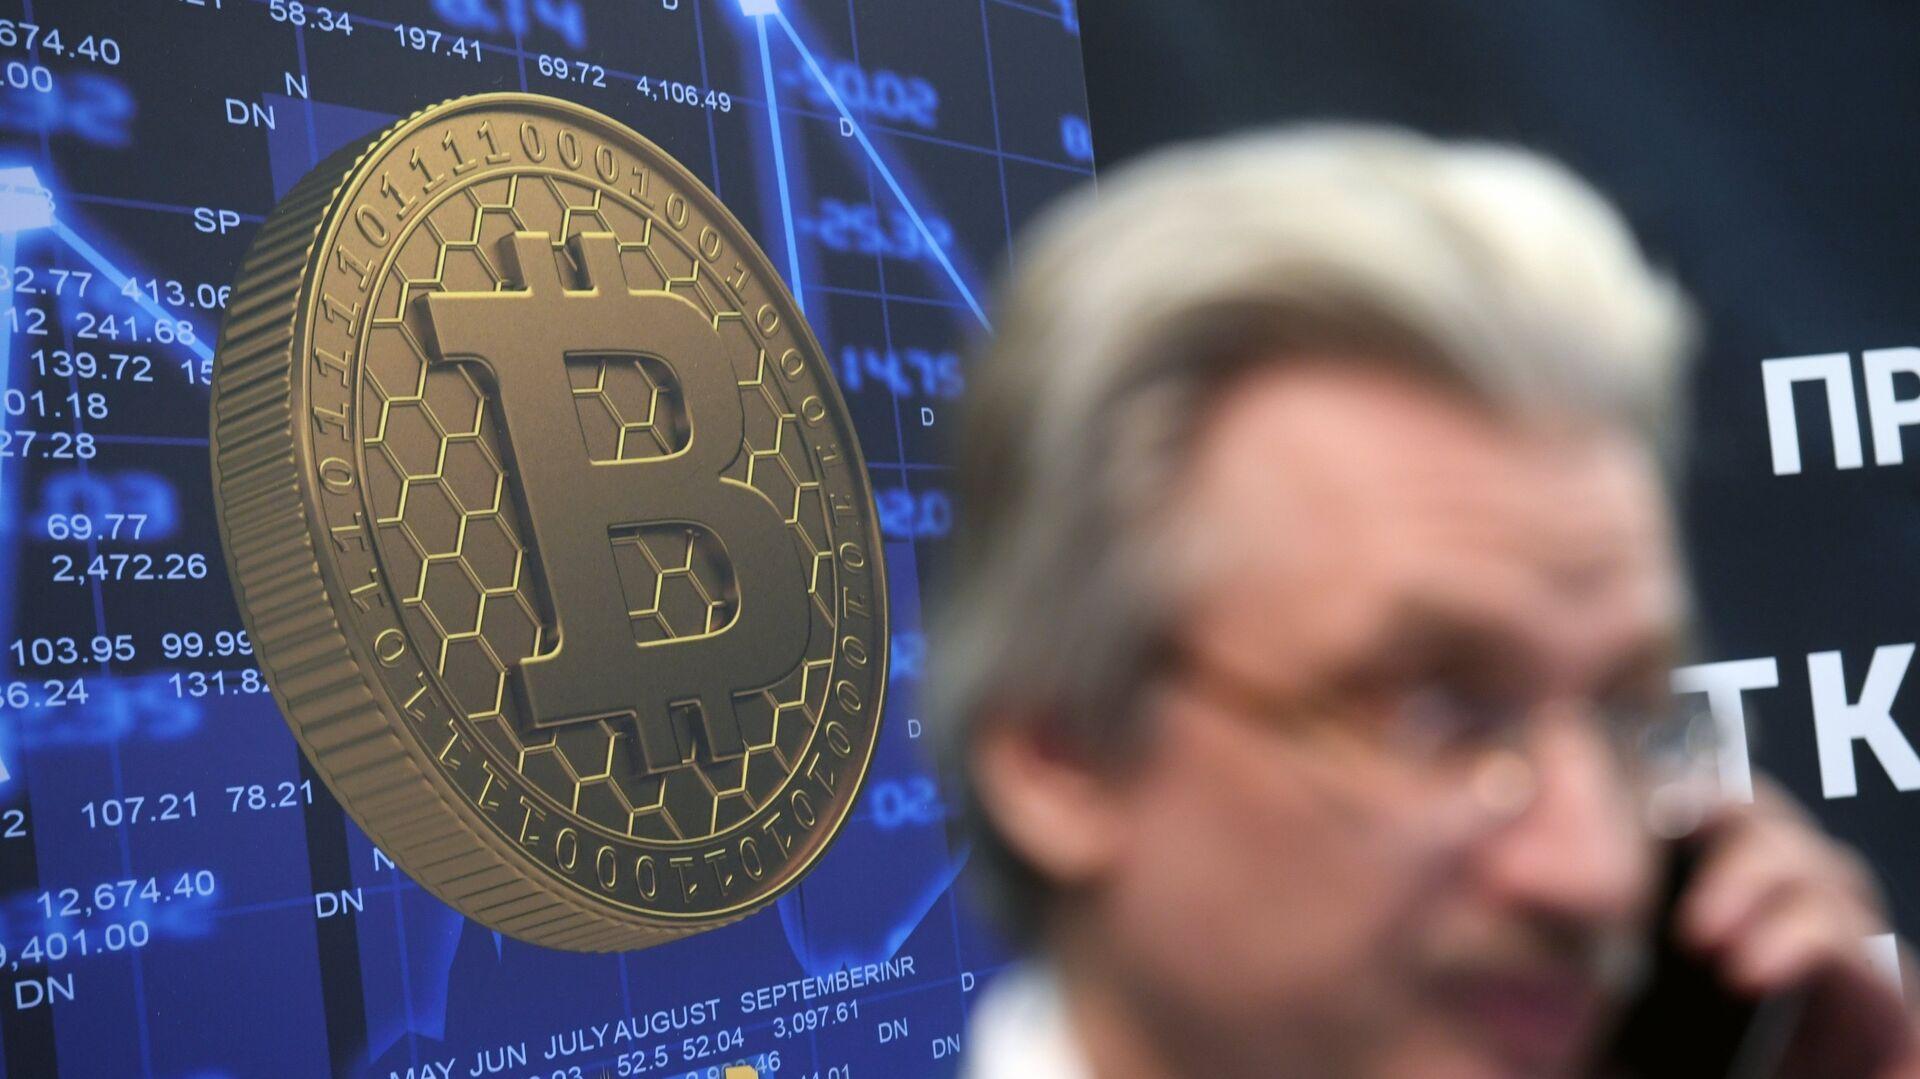 Логотип криптовалюты биткоин на экономическом блокчейн-форуме в Москве - РИА Новости, 1920, 13.05.2021